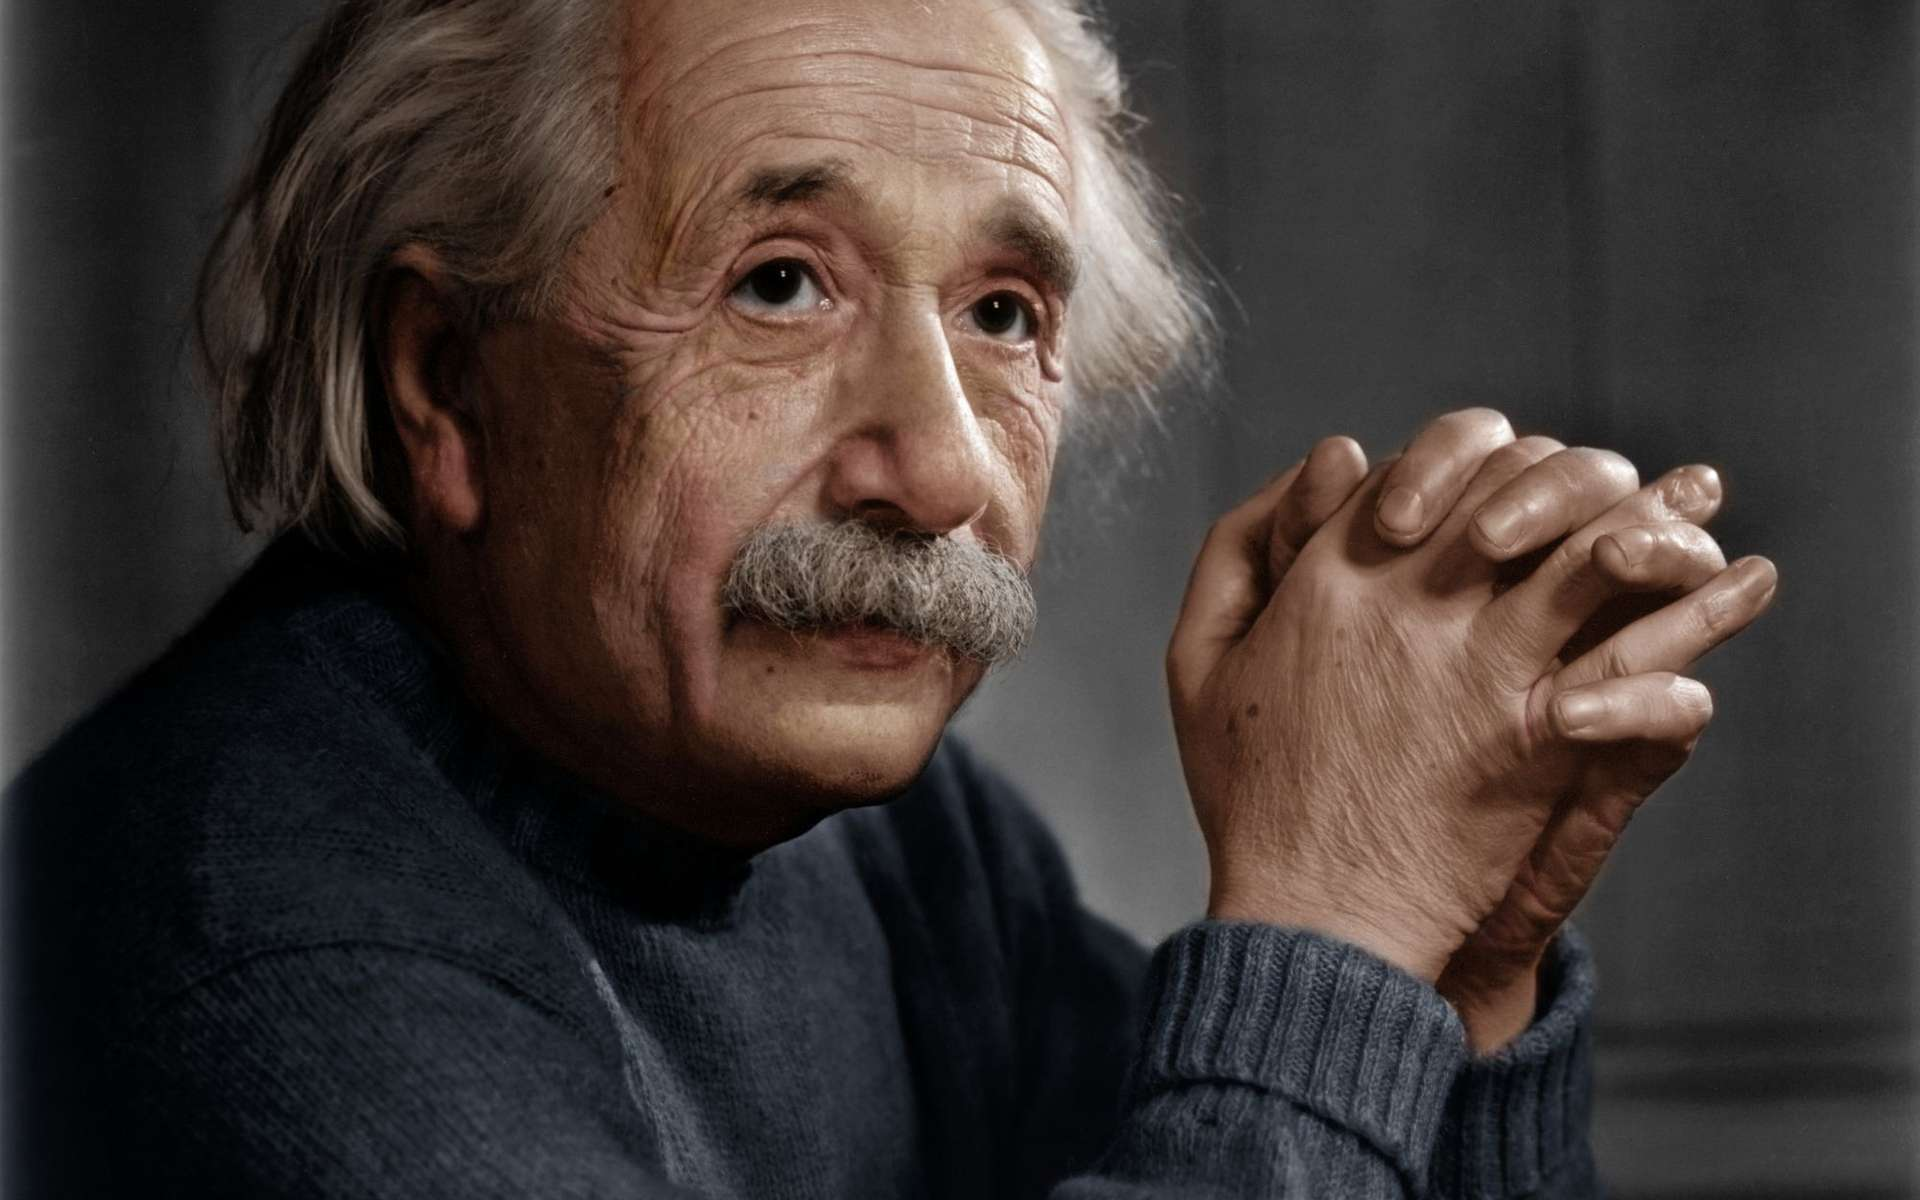 Le satellite Microscope embarque une expérience de physique d'une précision inégalée (cent fois meilleure que celle des expériences terrestres) qui devra tester le principe d'équivalence à la base de la théorie de la relativité générale d'Einstein. © Cnes